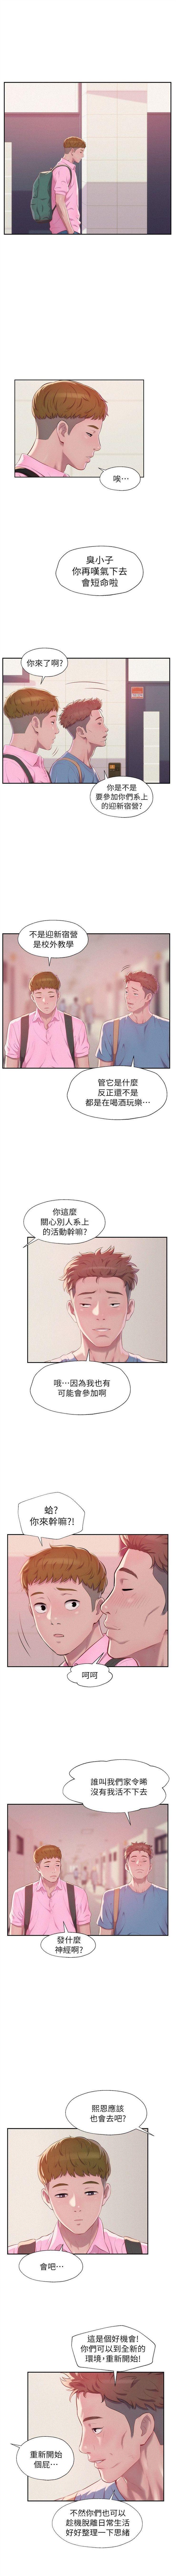 新生淫乱日记 1-61完结(中文) 225